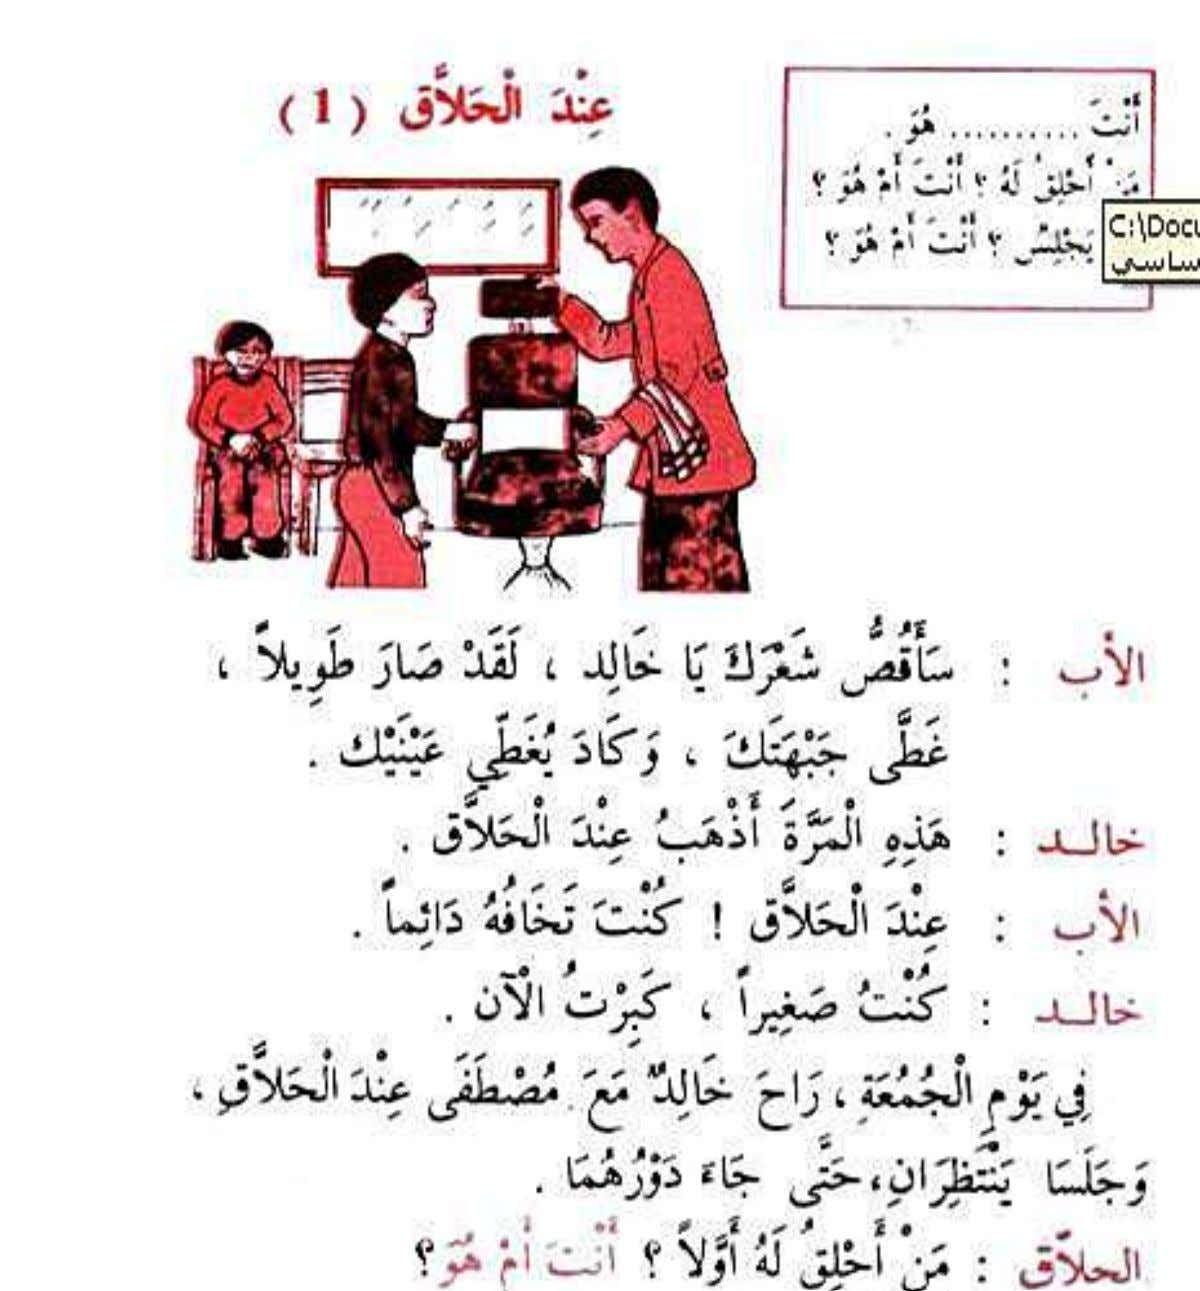 كتاب القراءة السنة الثانية أساسي الجزائر نظام قديم Words Word Search Puzzle Movie Posters